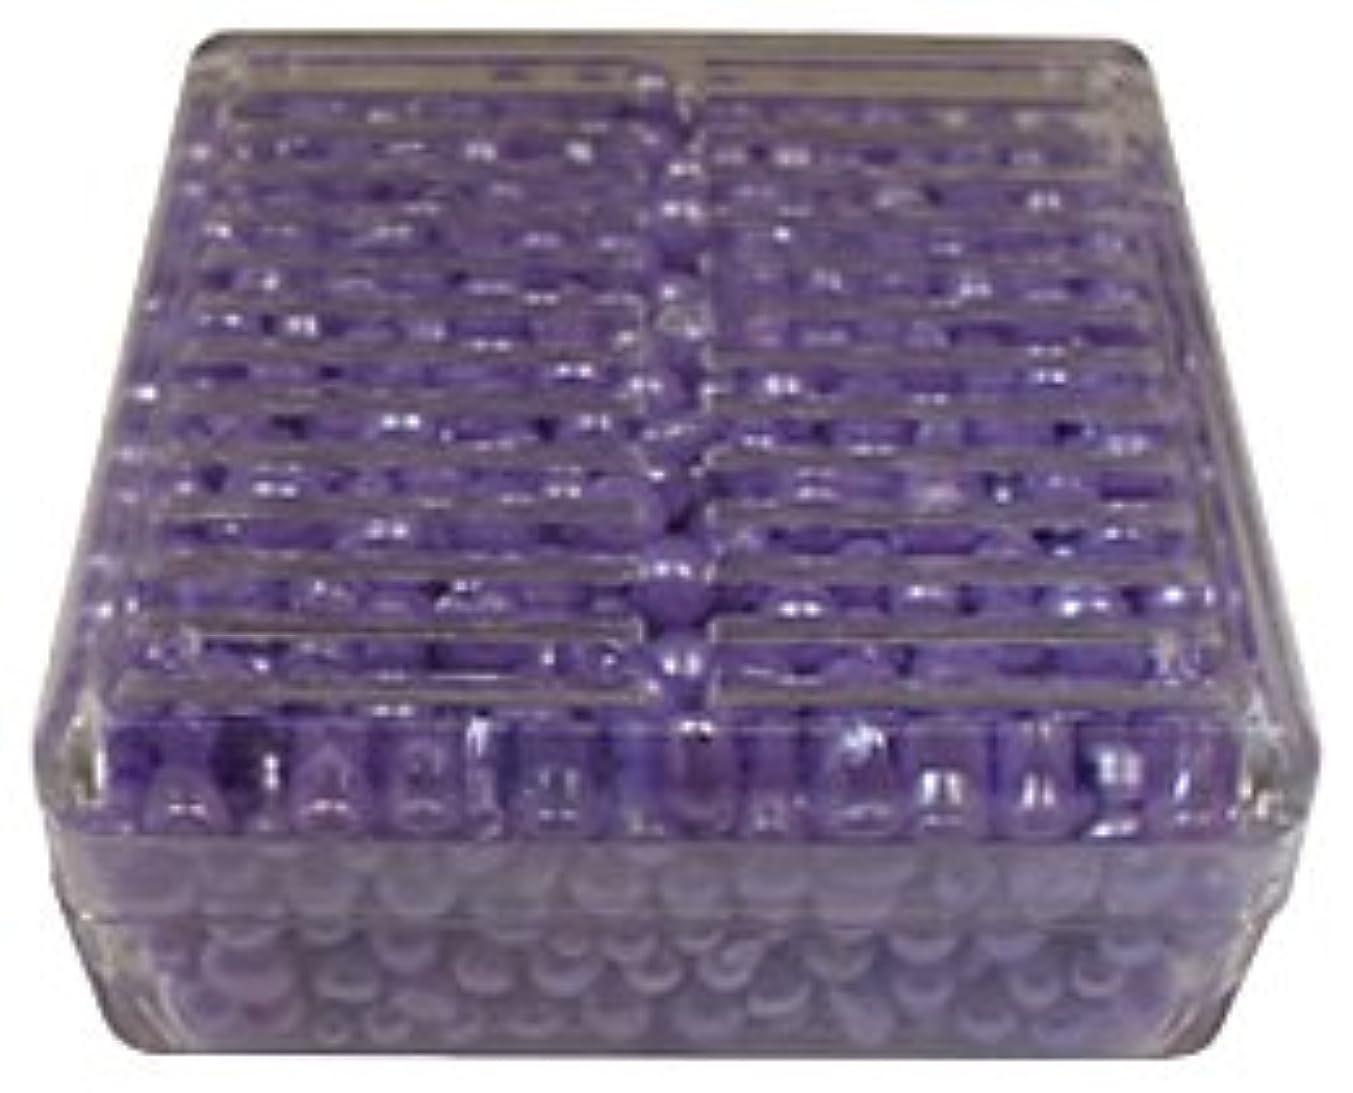 告発ポーチ列挙するAroma Dri 50gm ラベンダーの香り シリカゲルレモン容器 10-Pack LEMON50LAVENDER-10PK